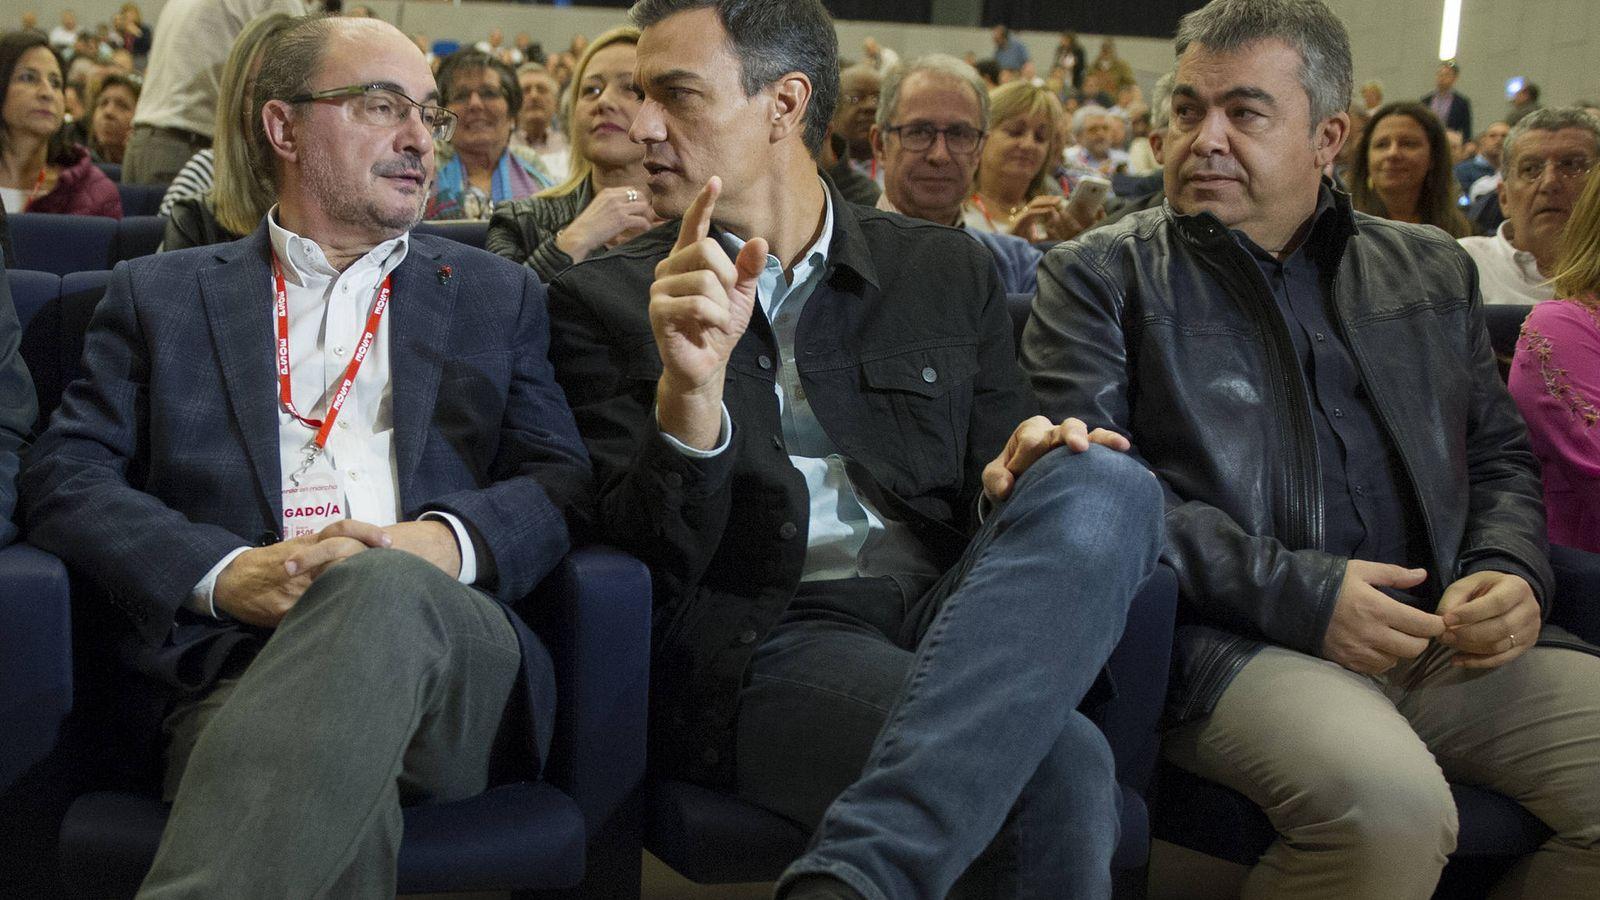 Foto: Pedro Sánchez charla con Javier Lambán, ante el dirigente federal Santos Cerdán, el pasado 5 de noviembre en el 16º Congreso aragonés, en Zaragoza. (Borja Puig | PSOE)